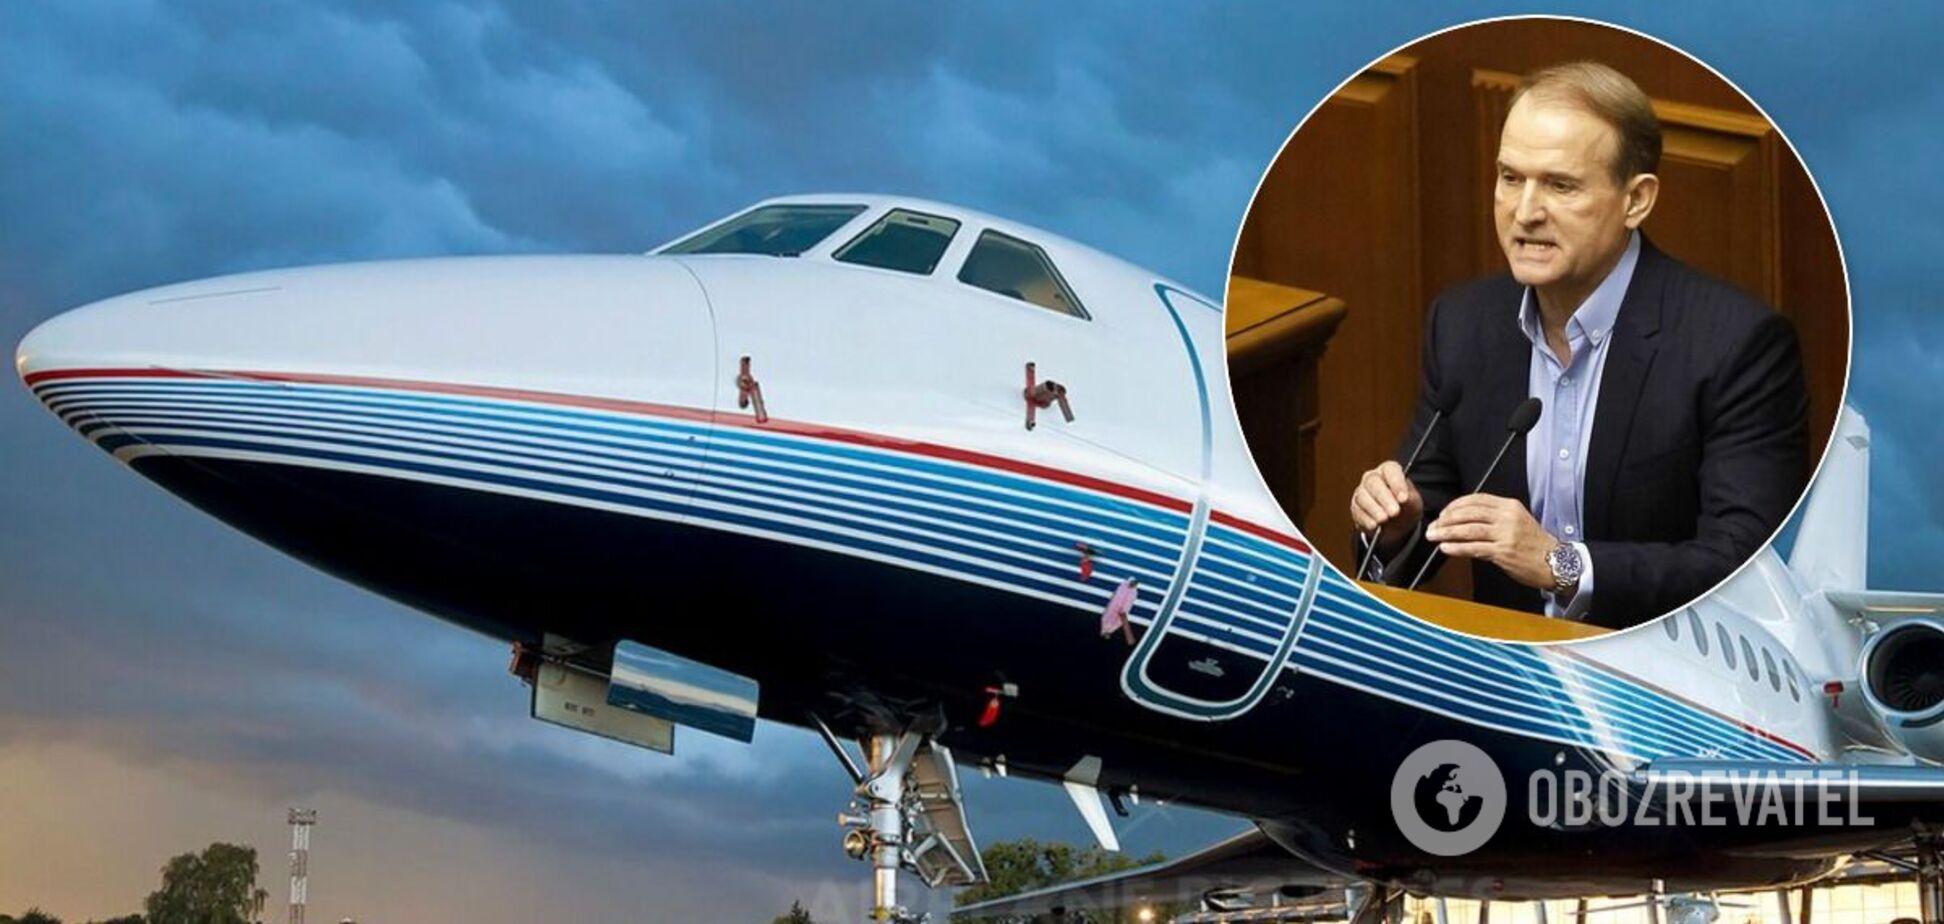 На літаки Медведчука й Козака наклали санкції